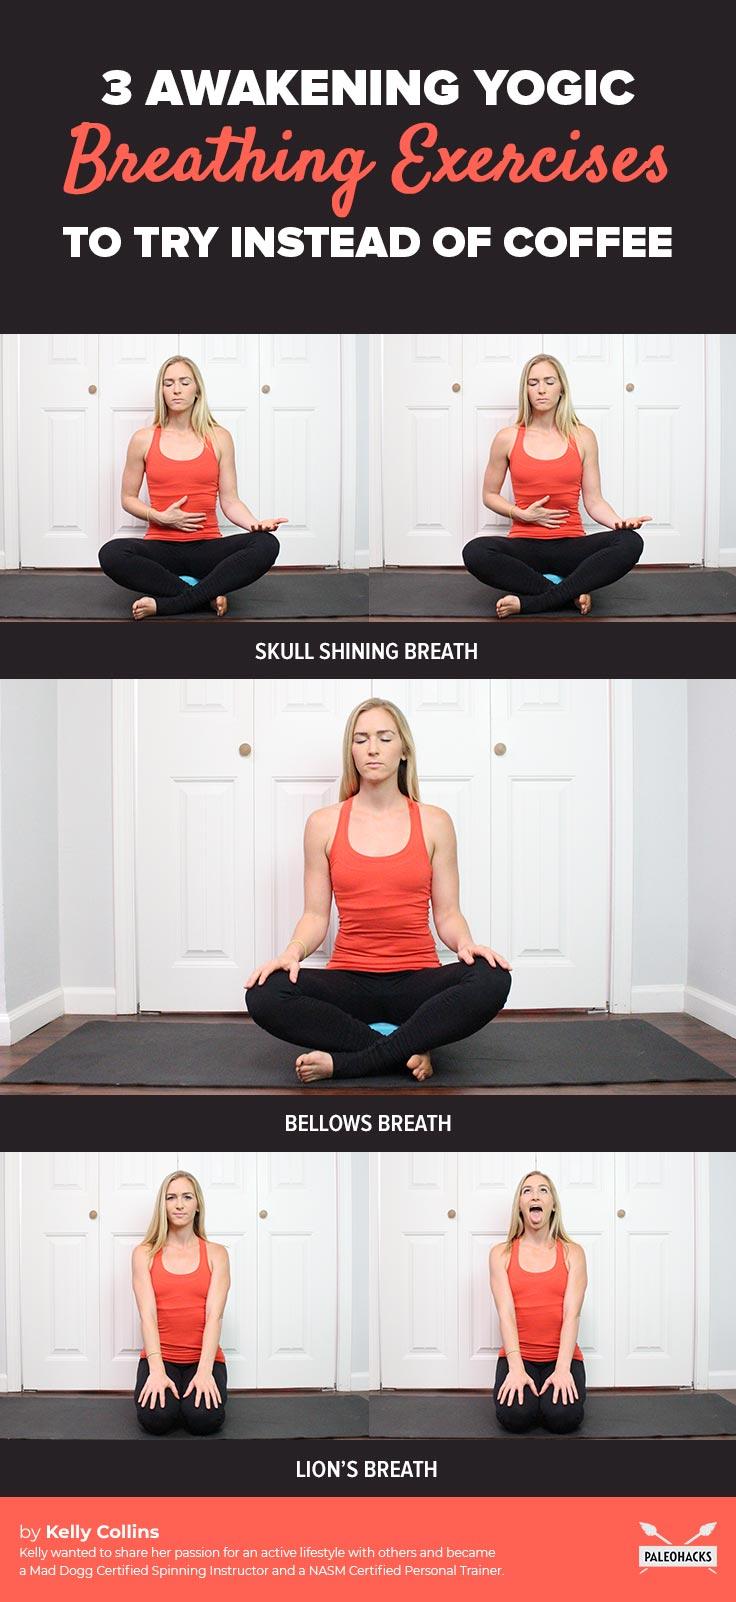 3-Awakening-Yogic-Breathing-Exercises-to-Try-Instead-of-Coffee-infog.jpg